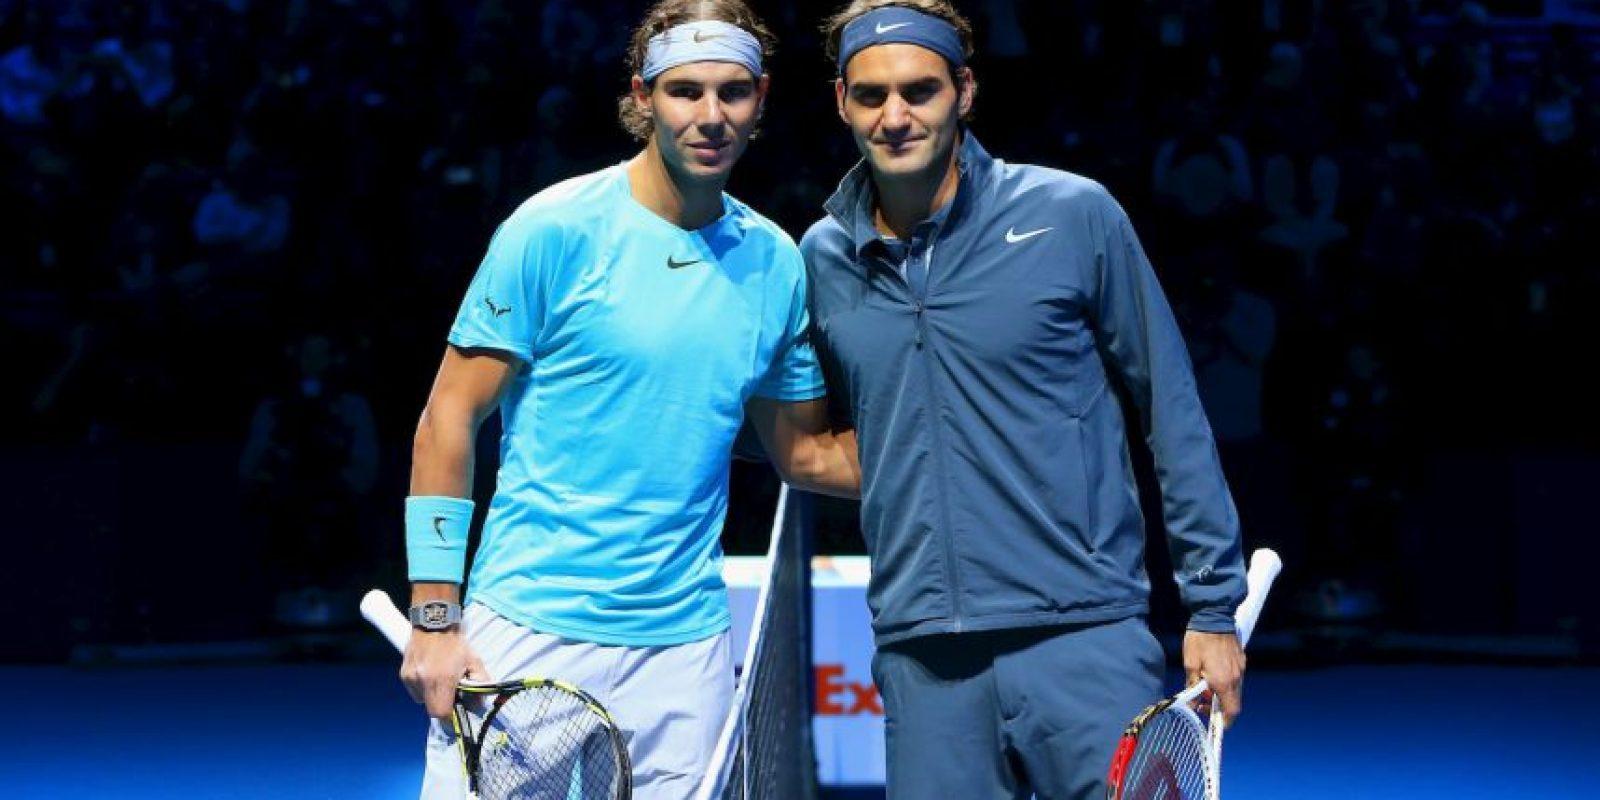 Rafael Nadal vs. Roger Federer Foto:Getty Images